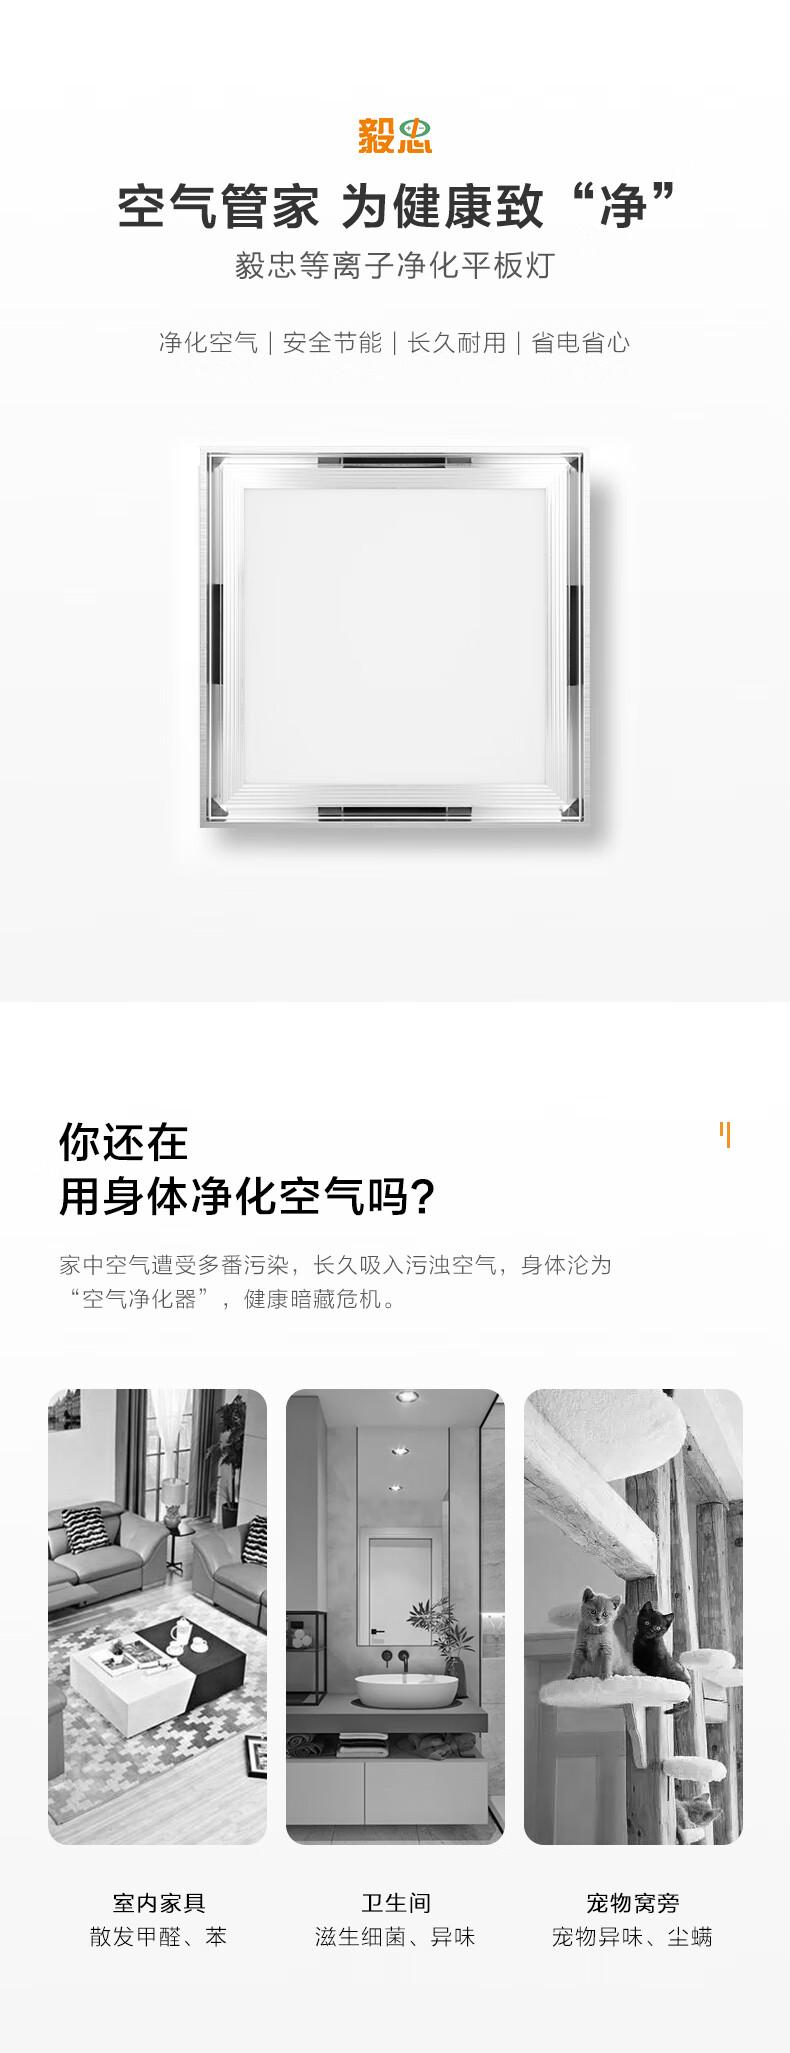 一款可以净化空气的LED灯